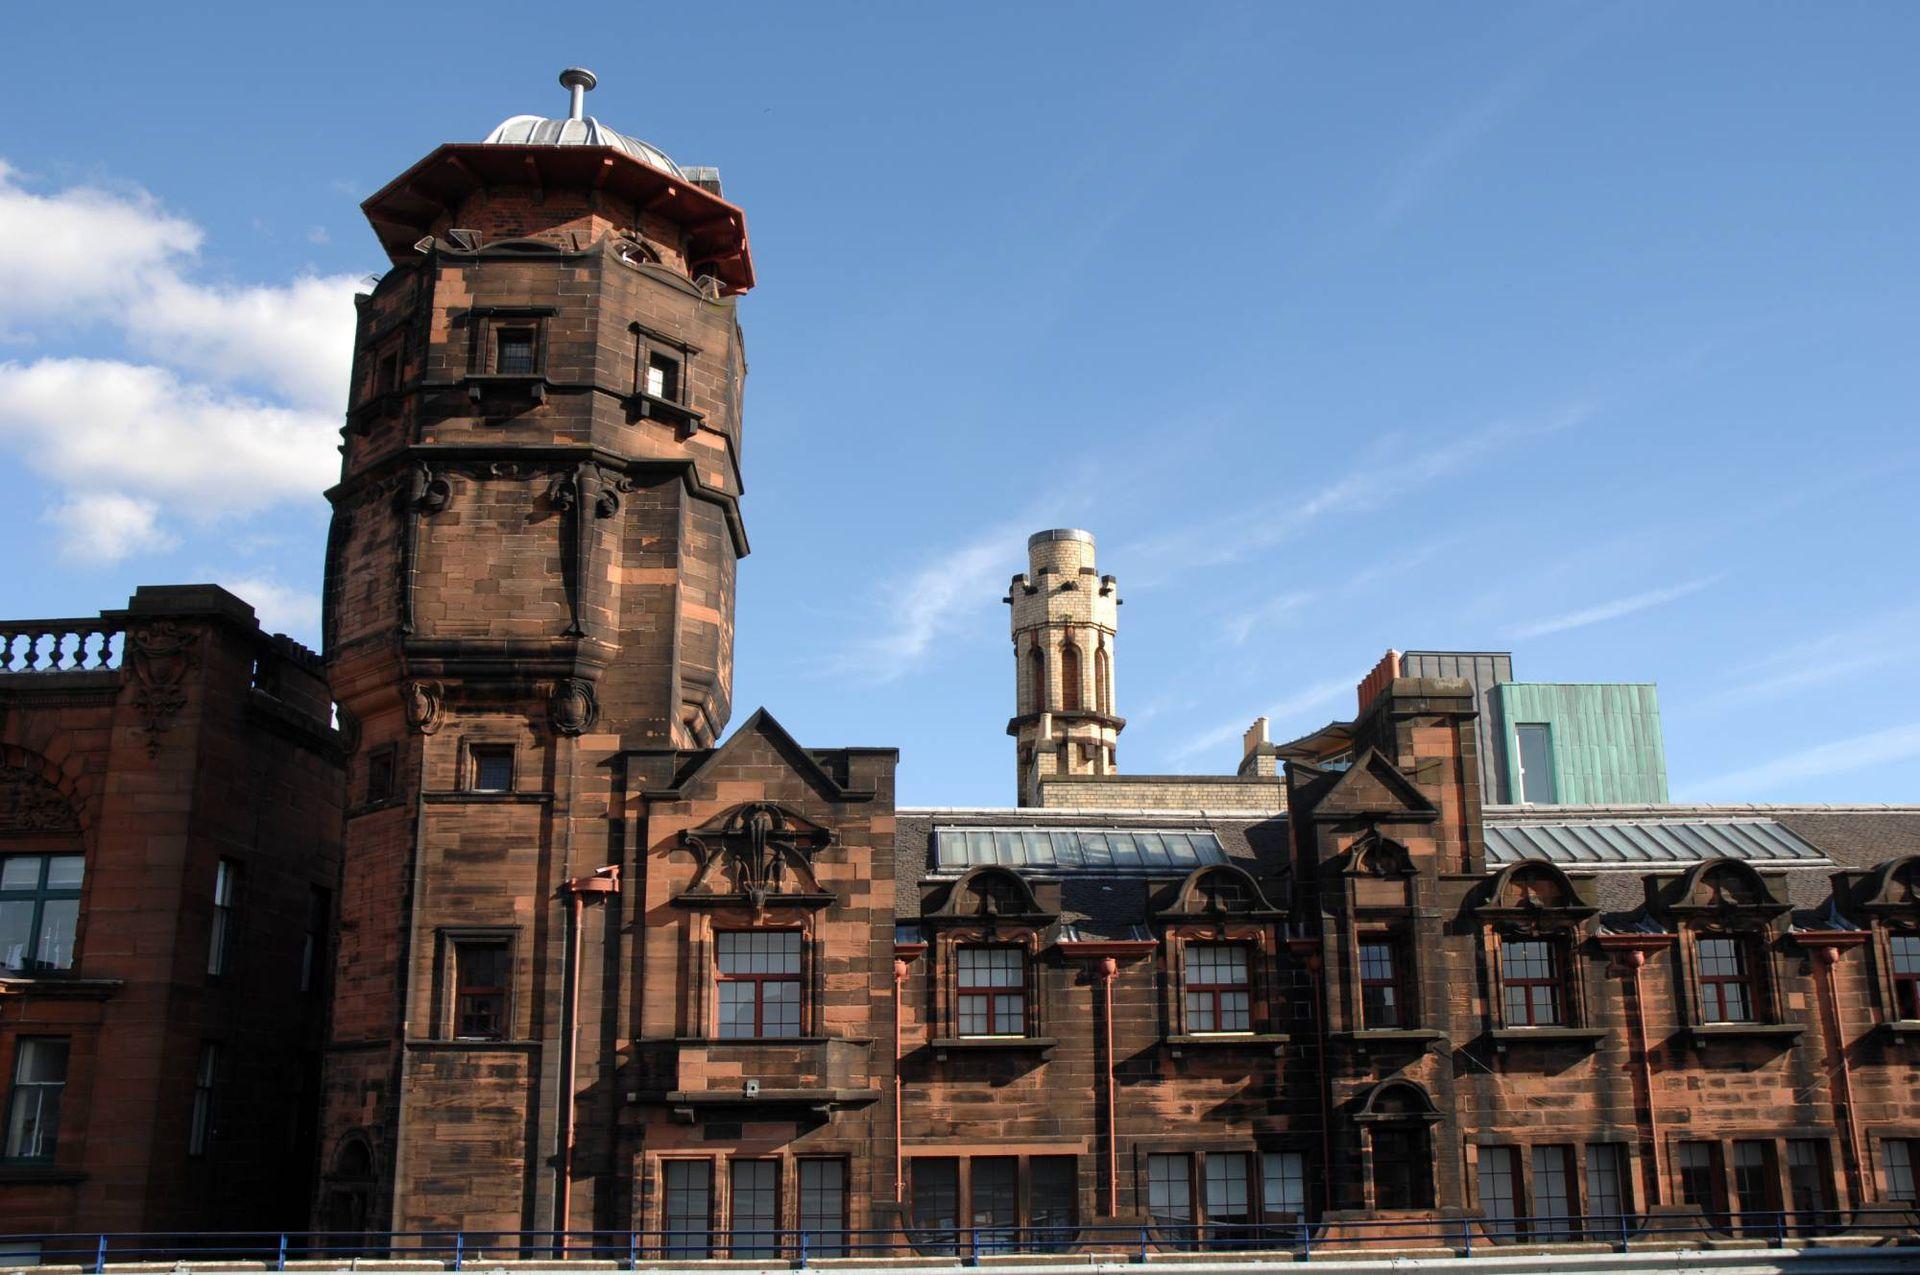 The Lighthouse albergó la redacción del Glasgow Herald, su torre con forma de faro esconde un gran tanque de agua para usar en caso de incendios.